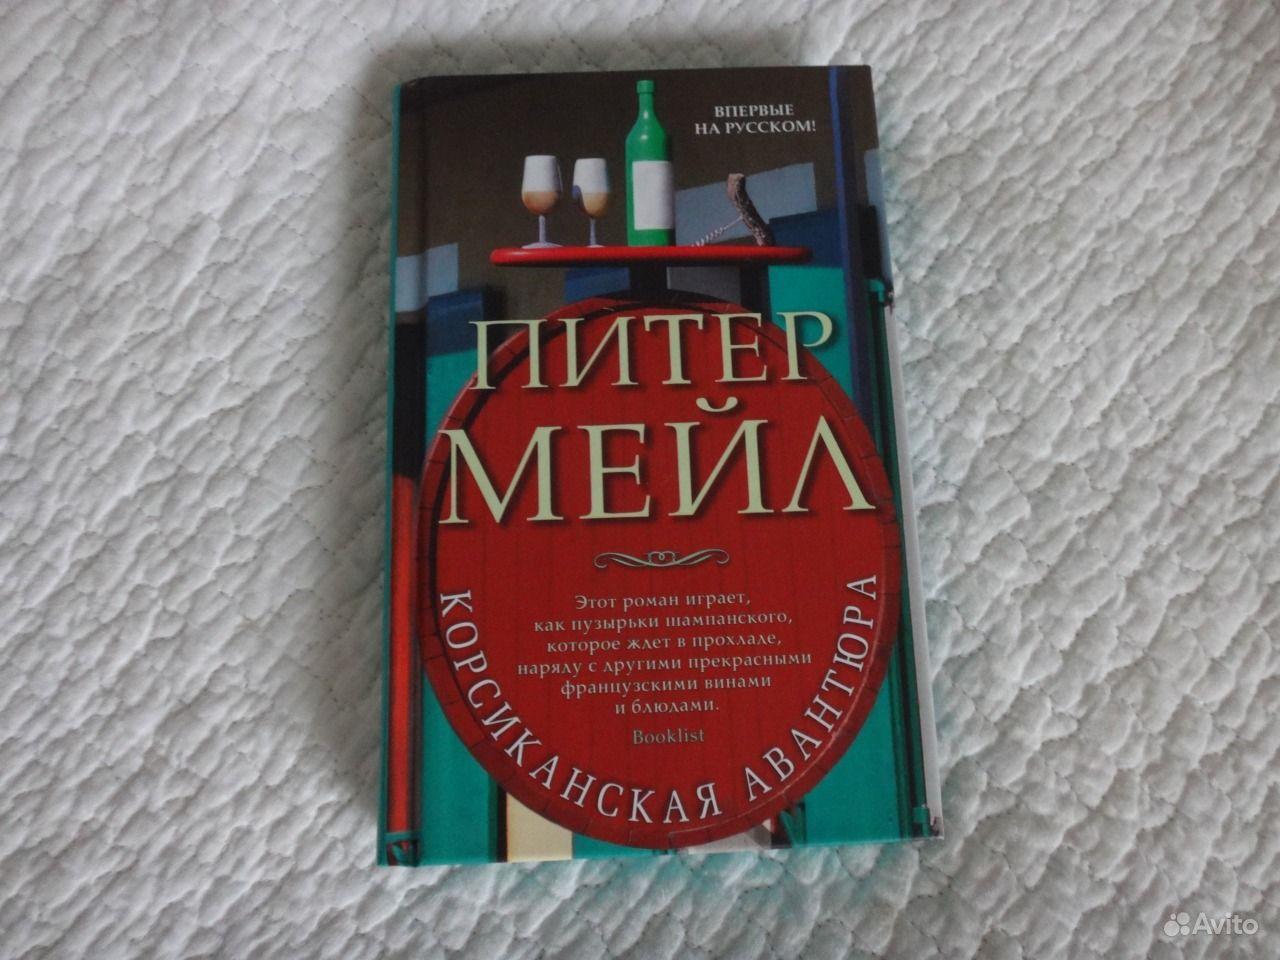 ПИТЕР МЕЙЛ КОРСИКАНСКАЯ АВАНТЮРА СКАЧАТЬ БЕСПЛАТНО